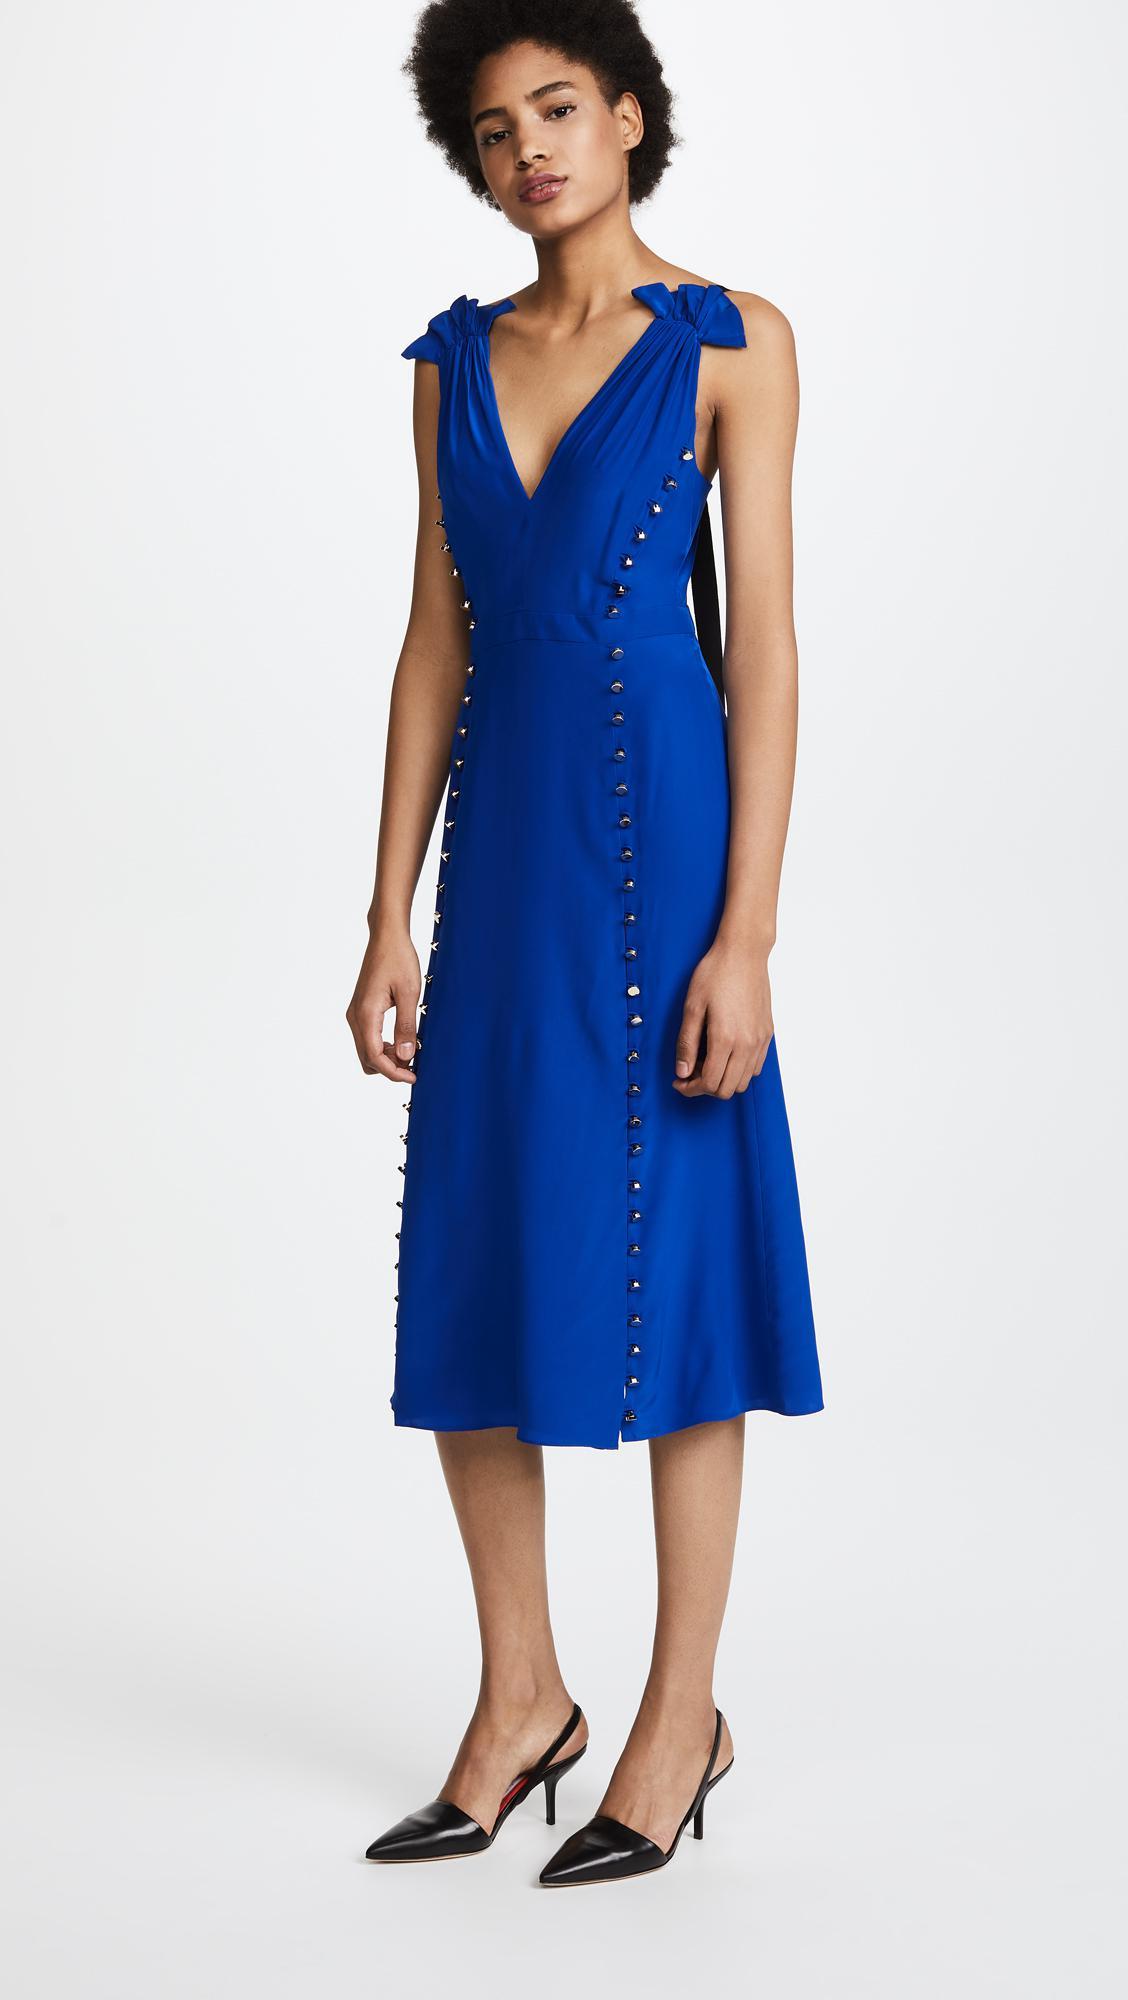 Lyst - Prabal Gurung Deep V Dress With Button Detail in Blue f22e92927